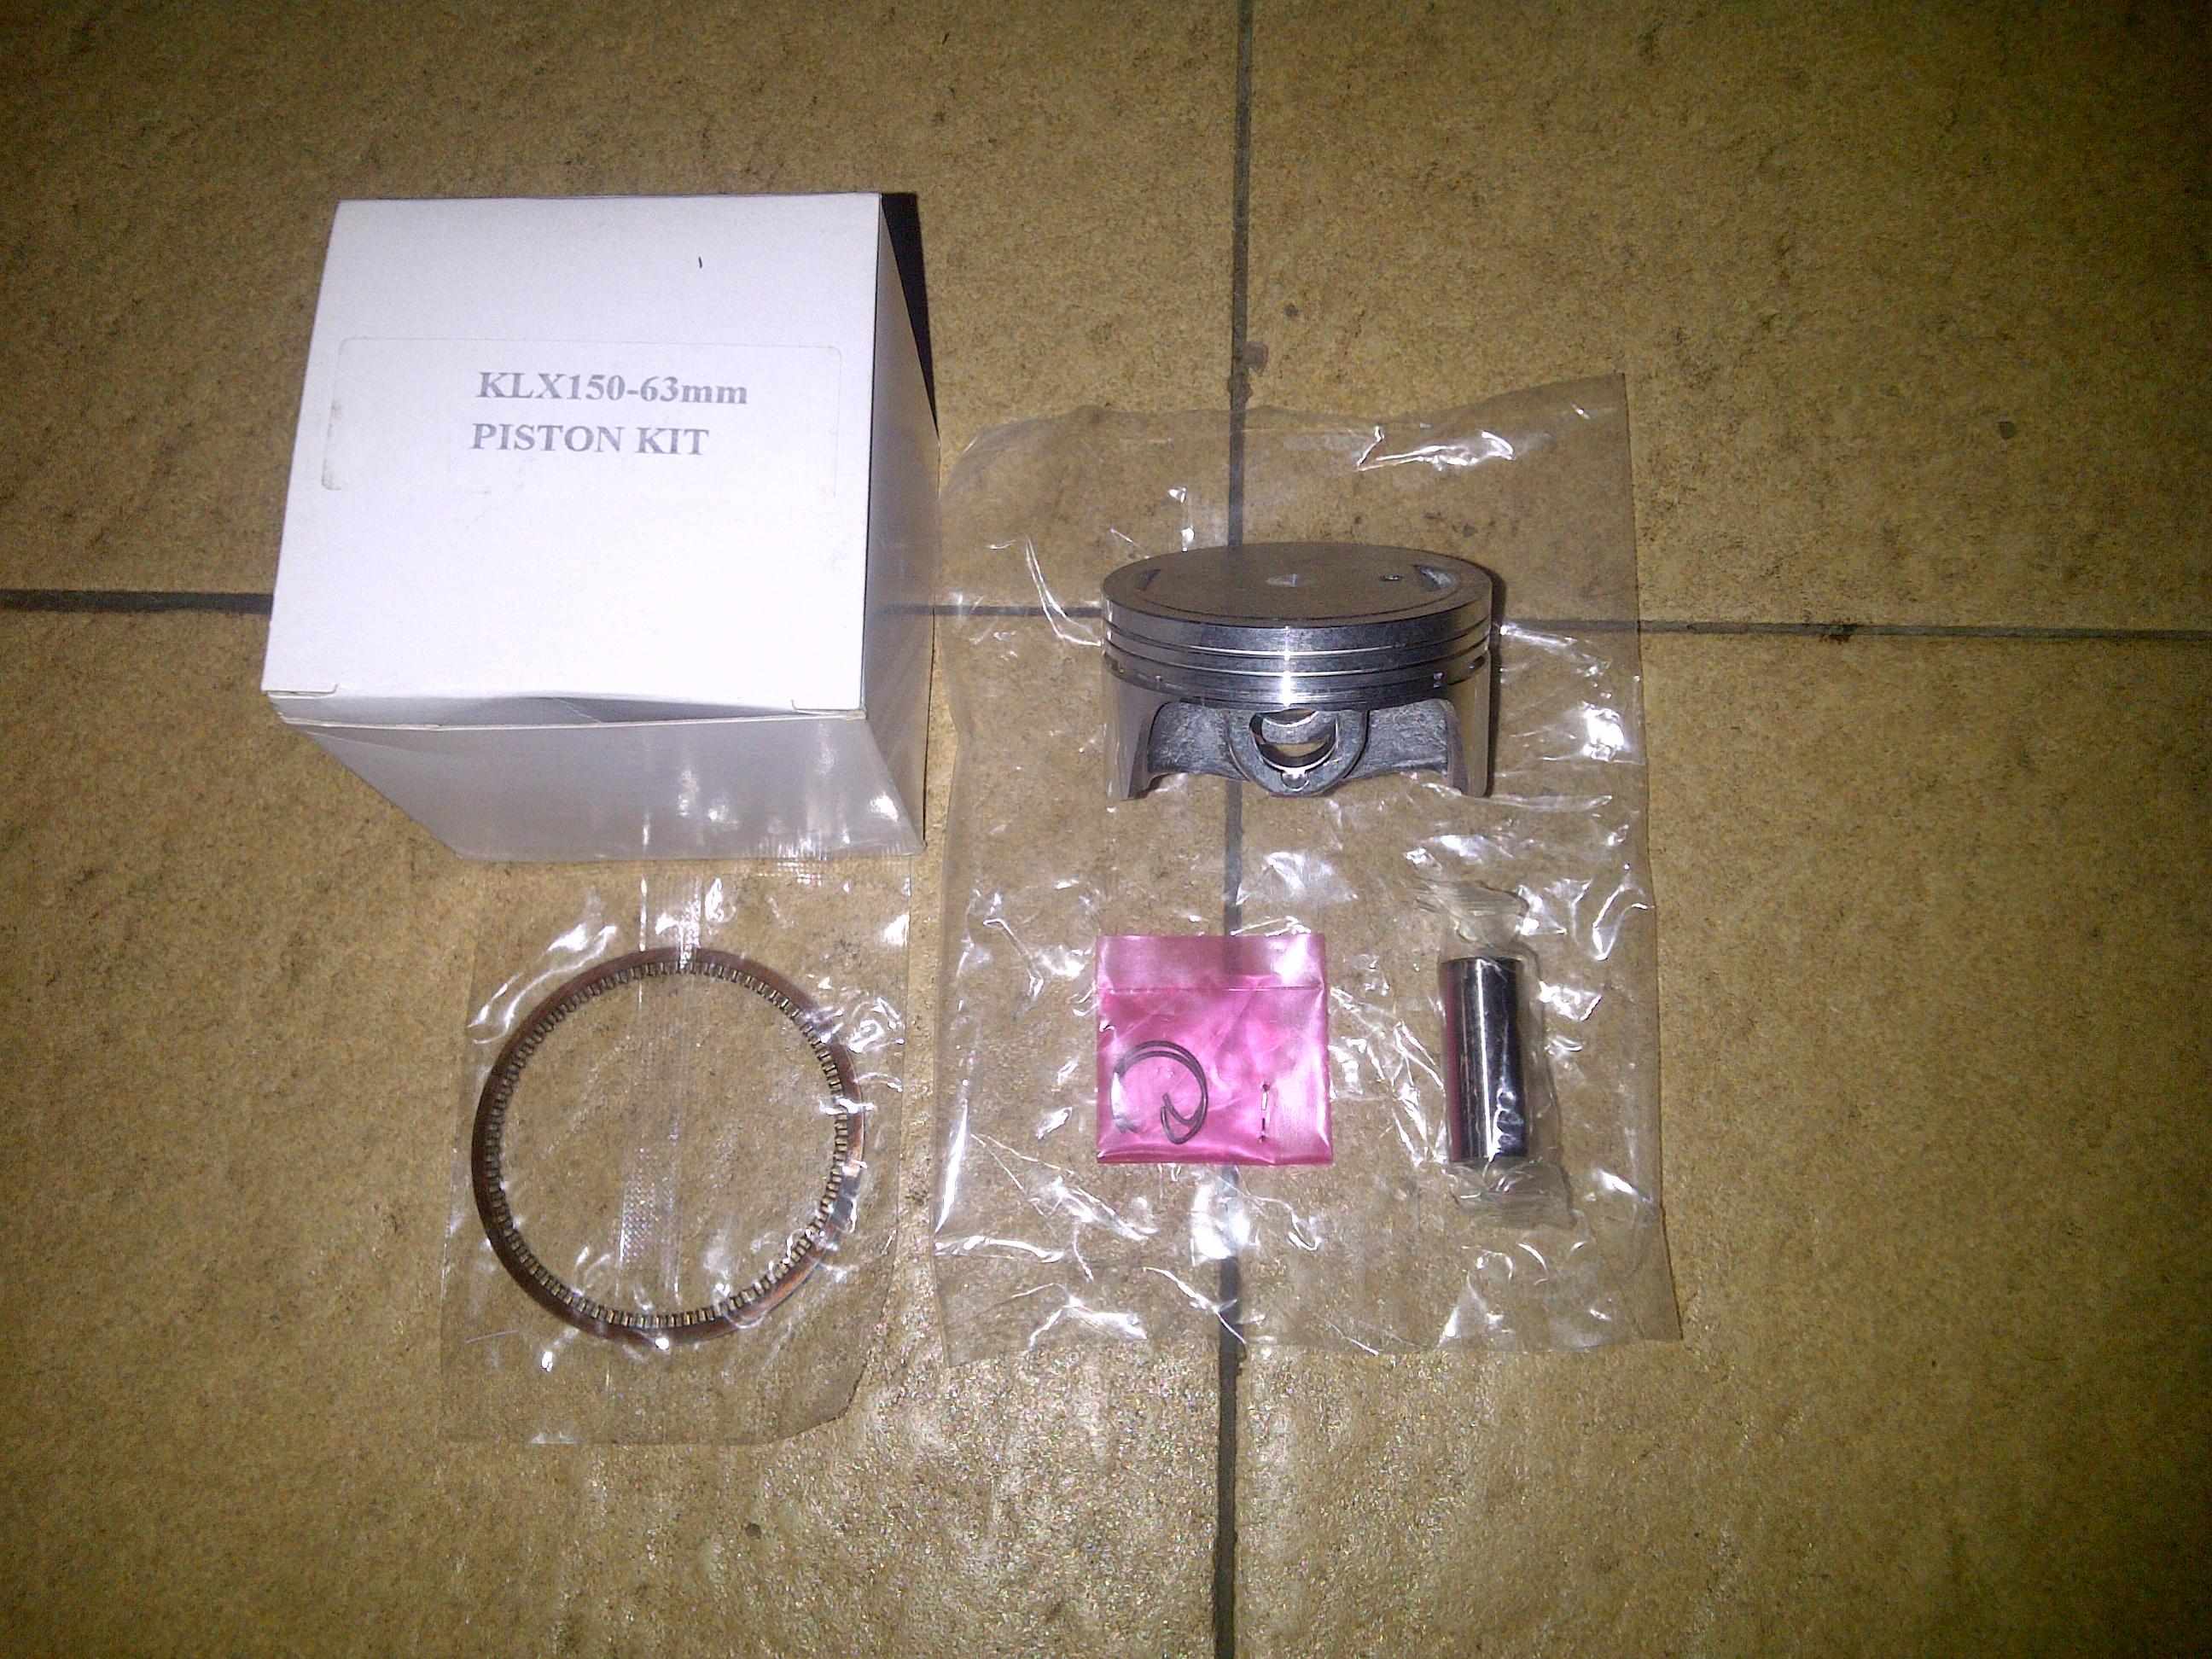 IMG 20130726 00623 Jual seher dan ring klx 150 uk 63 mm